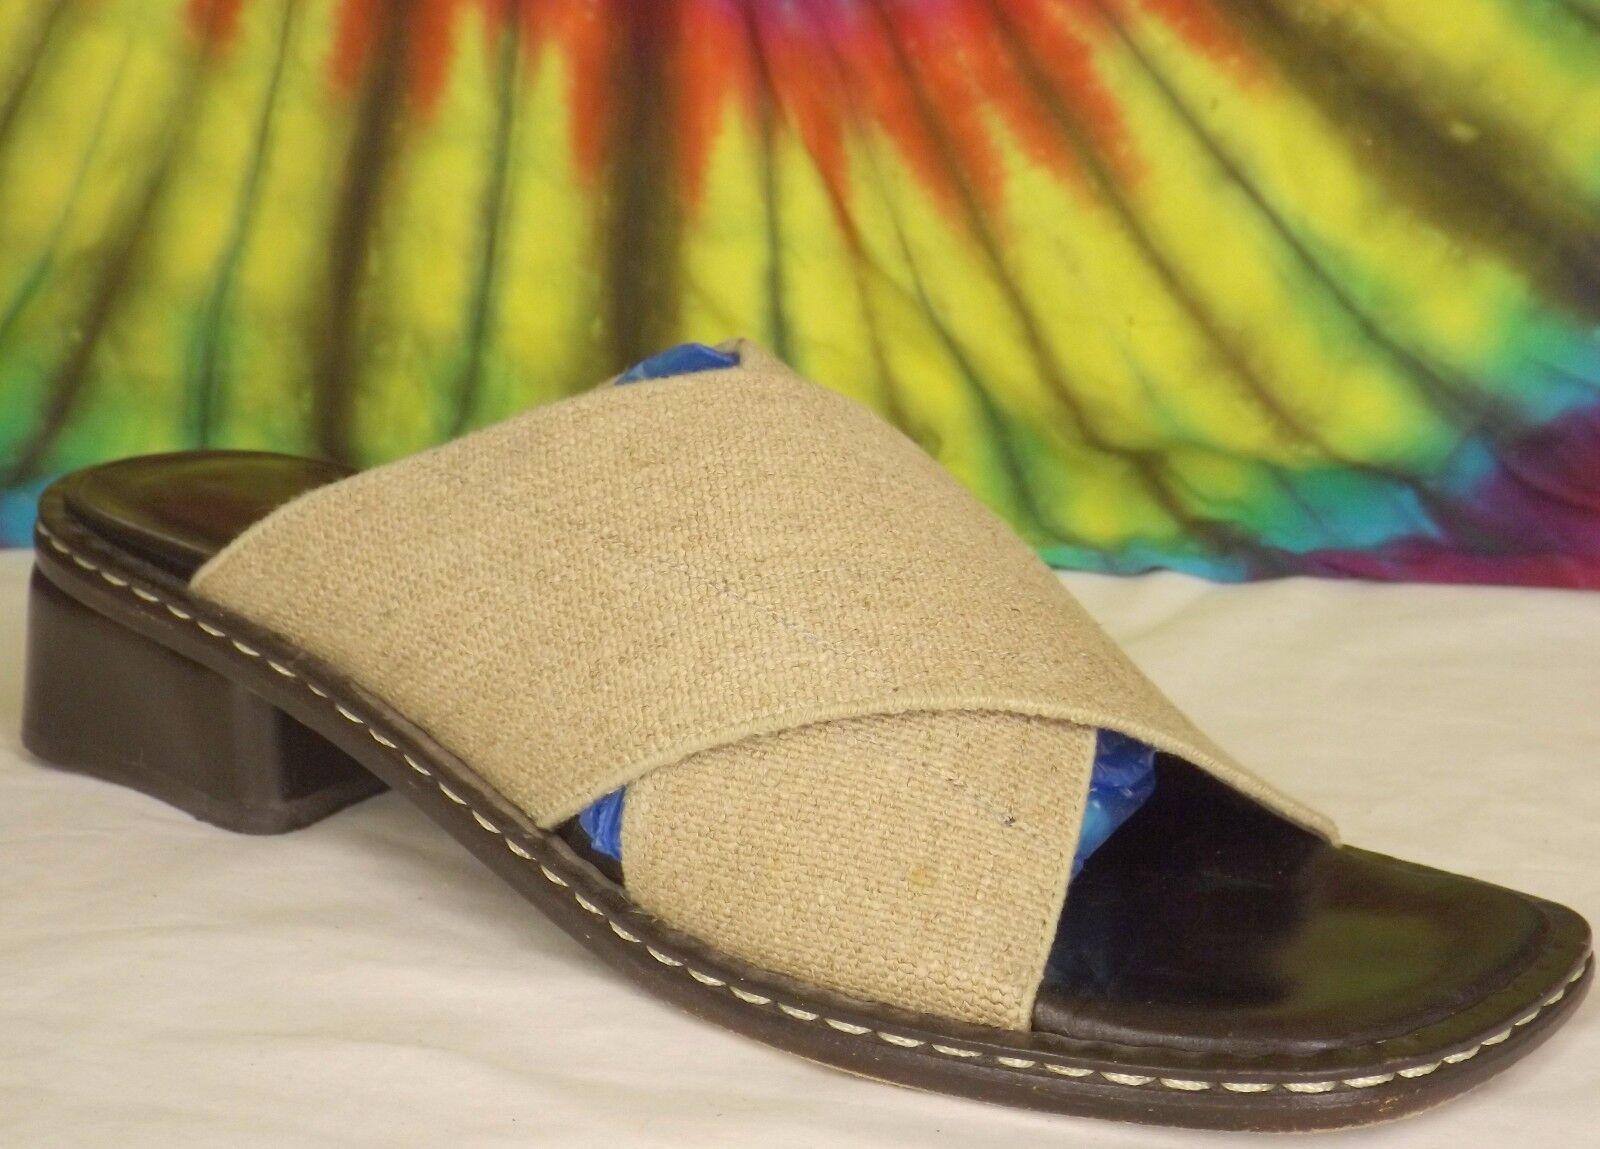 Größe Donald 7,5 M Damen-Tan Stoff Donald Größe J.Pliner Pliner Slip Sandalen Schuhe Djp 236b5c